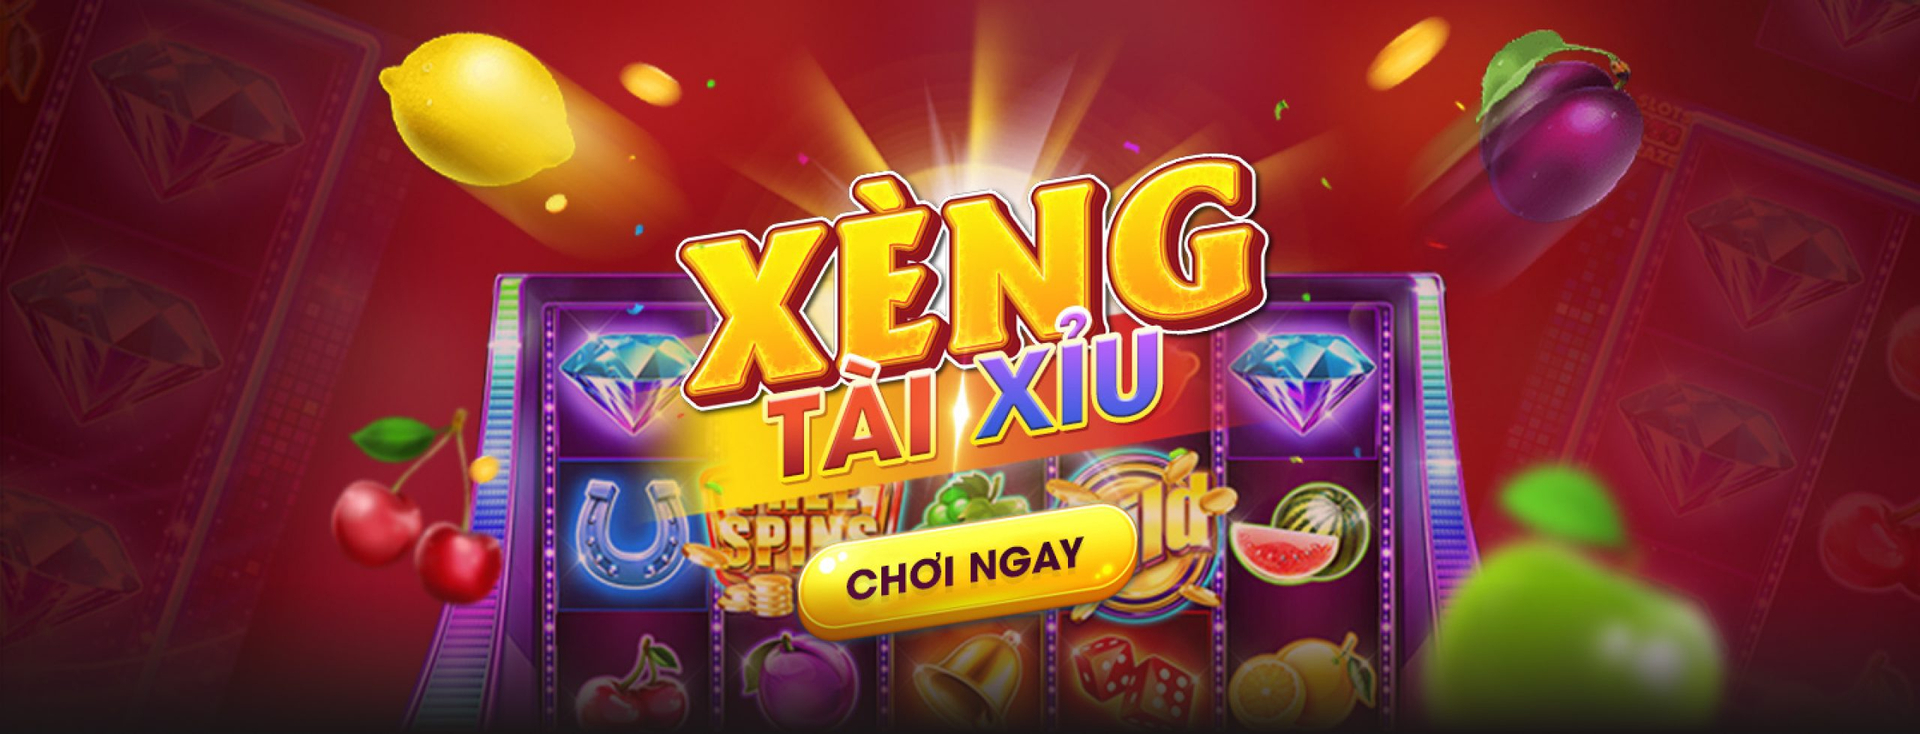 Xeng Tai Xiu Banner